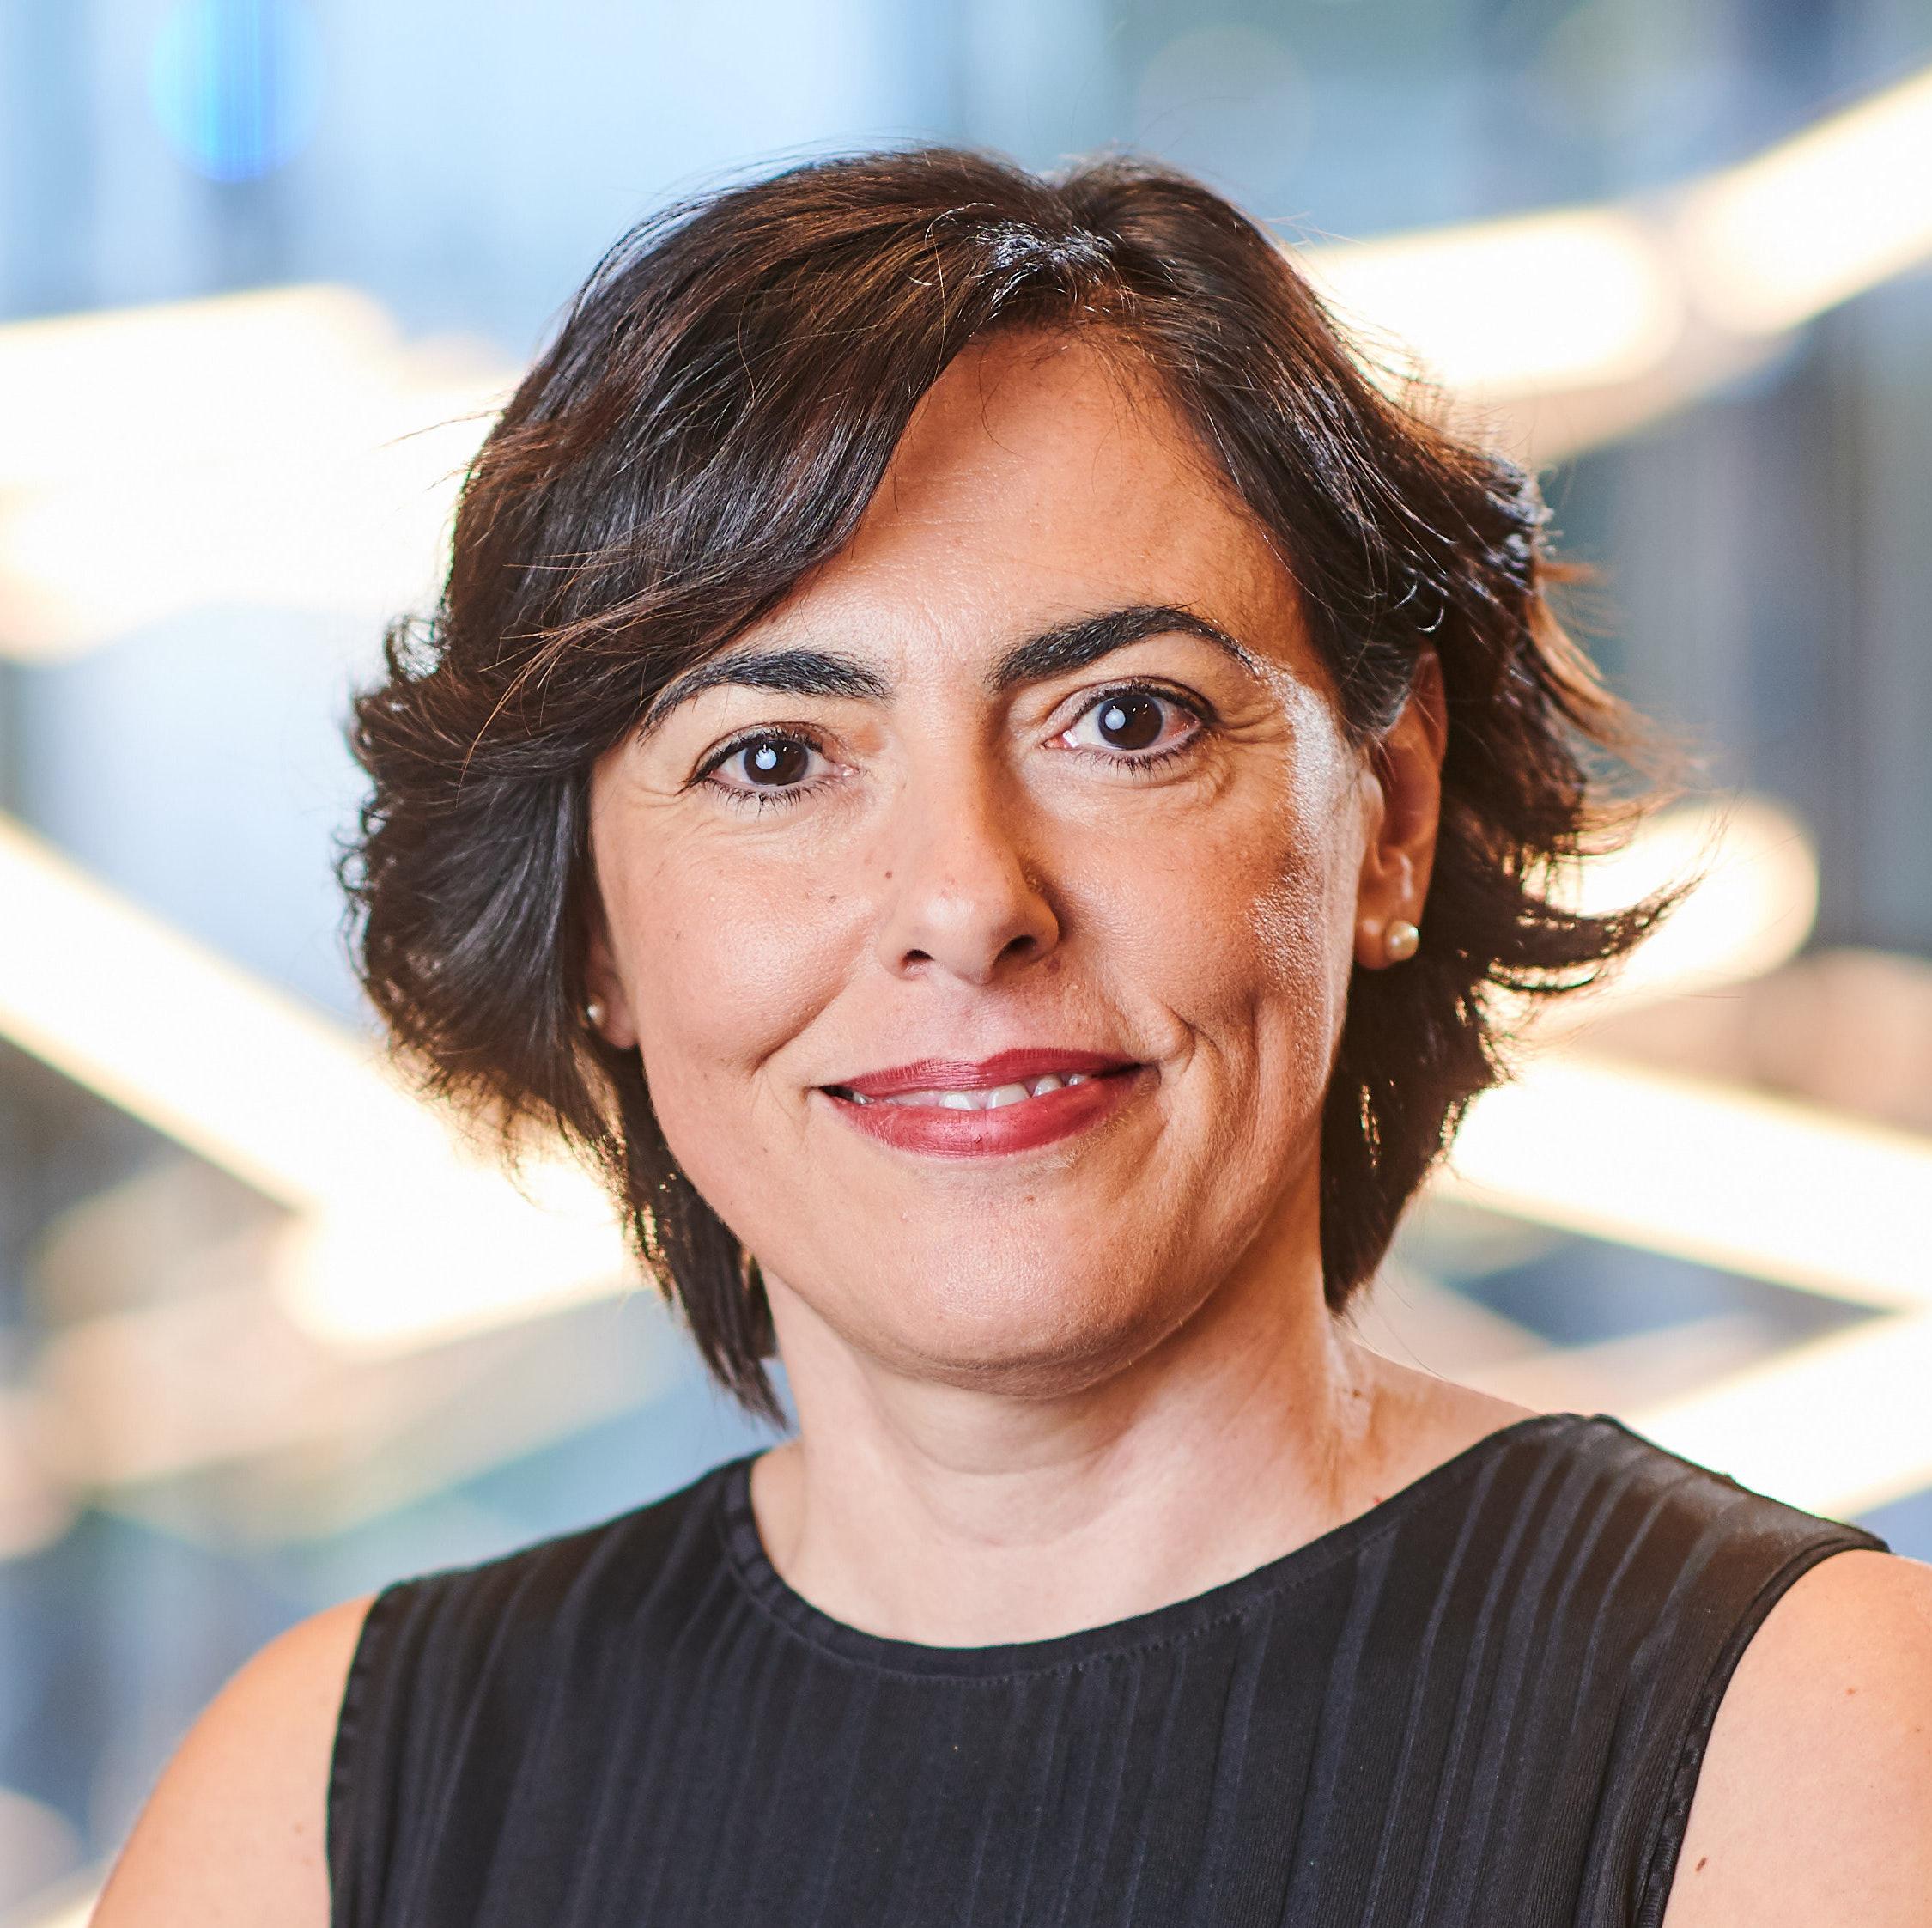 Valerie Piquemal